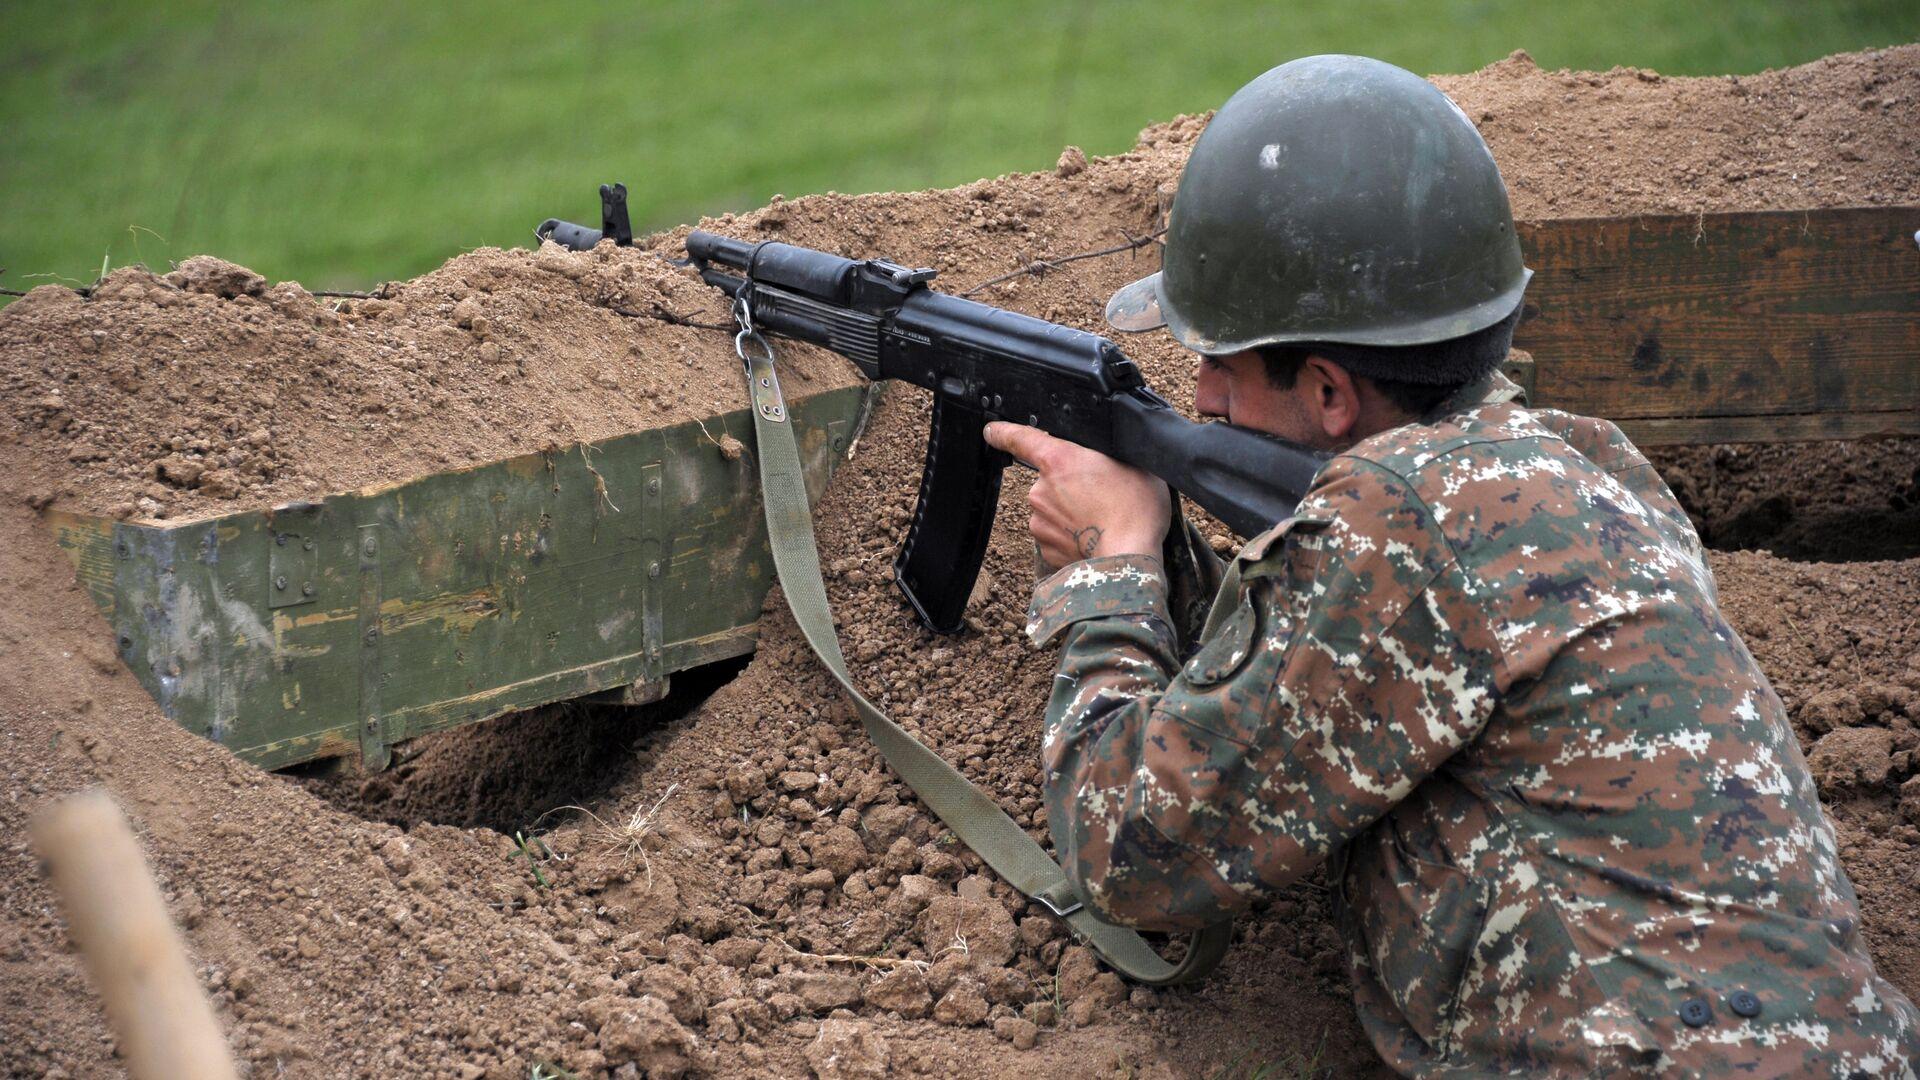 Военнослужащий армии обороны Нагорного Карабаха на первой линии обороны. Апрель 2016 года  - РИА Новости, 1920, 27.09.2020